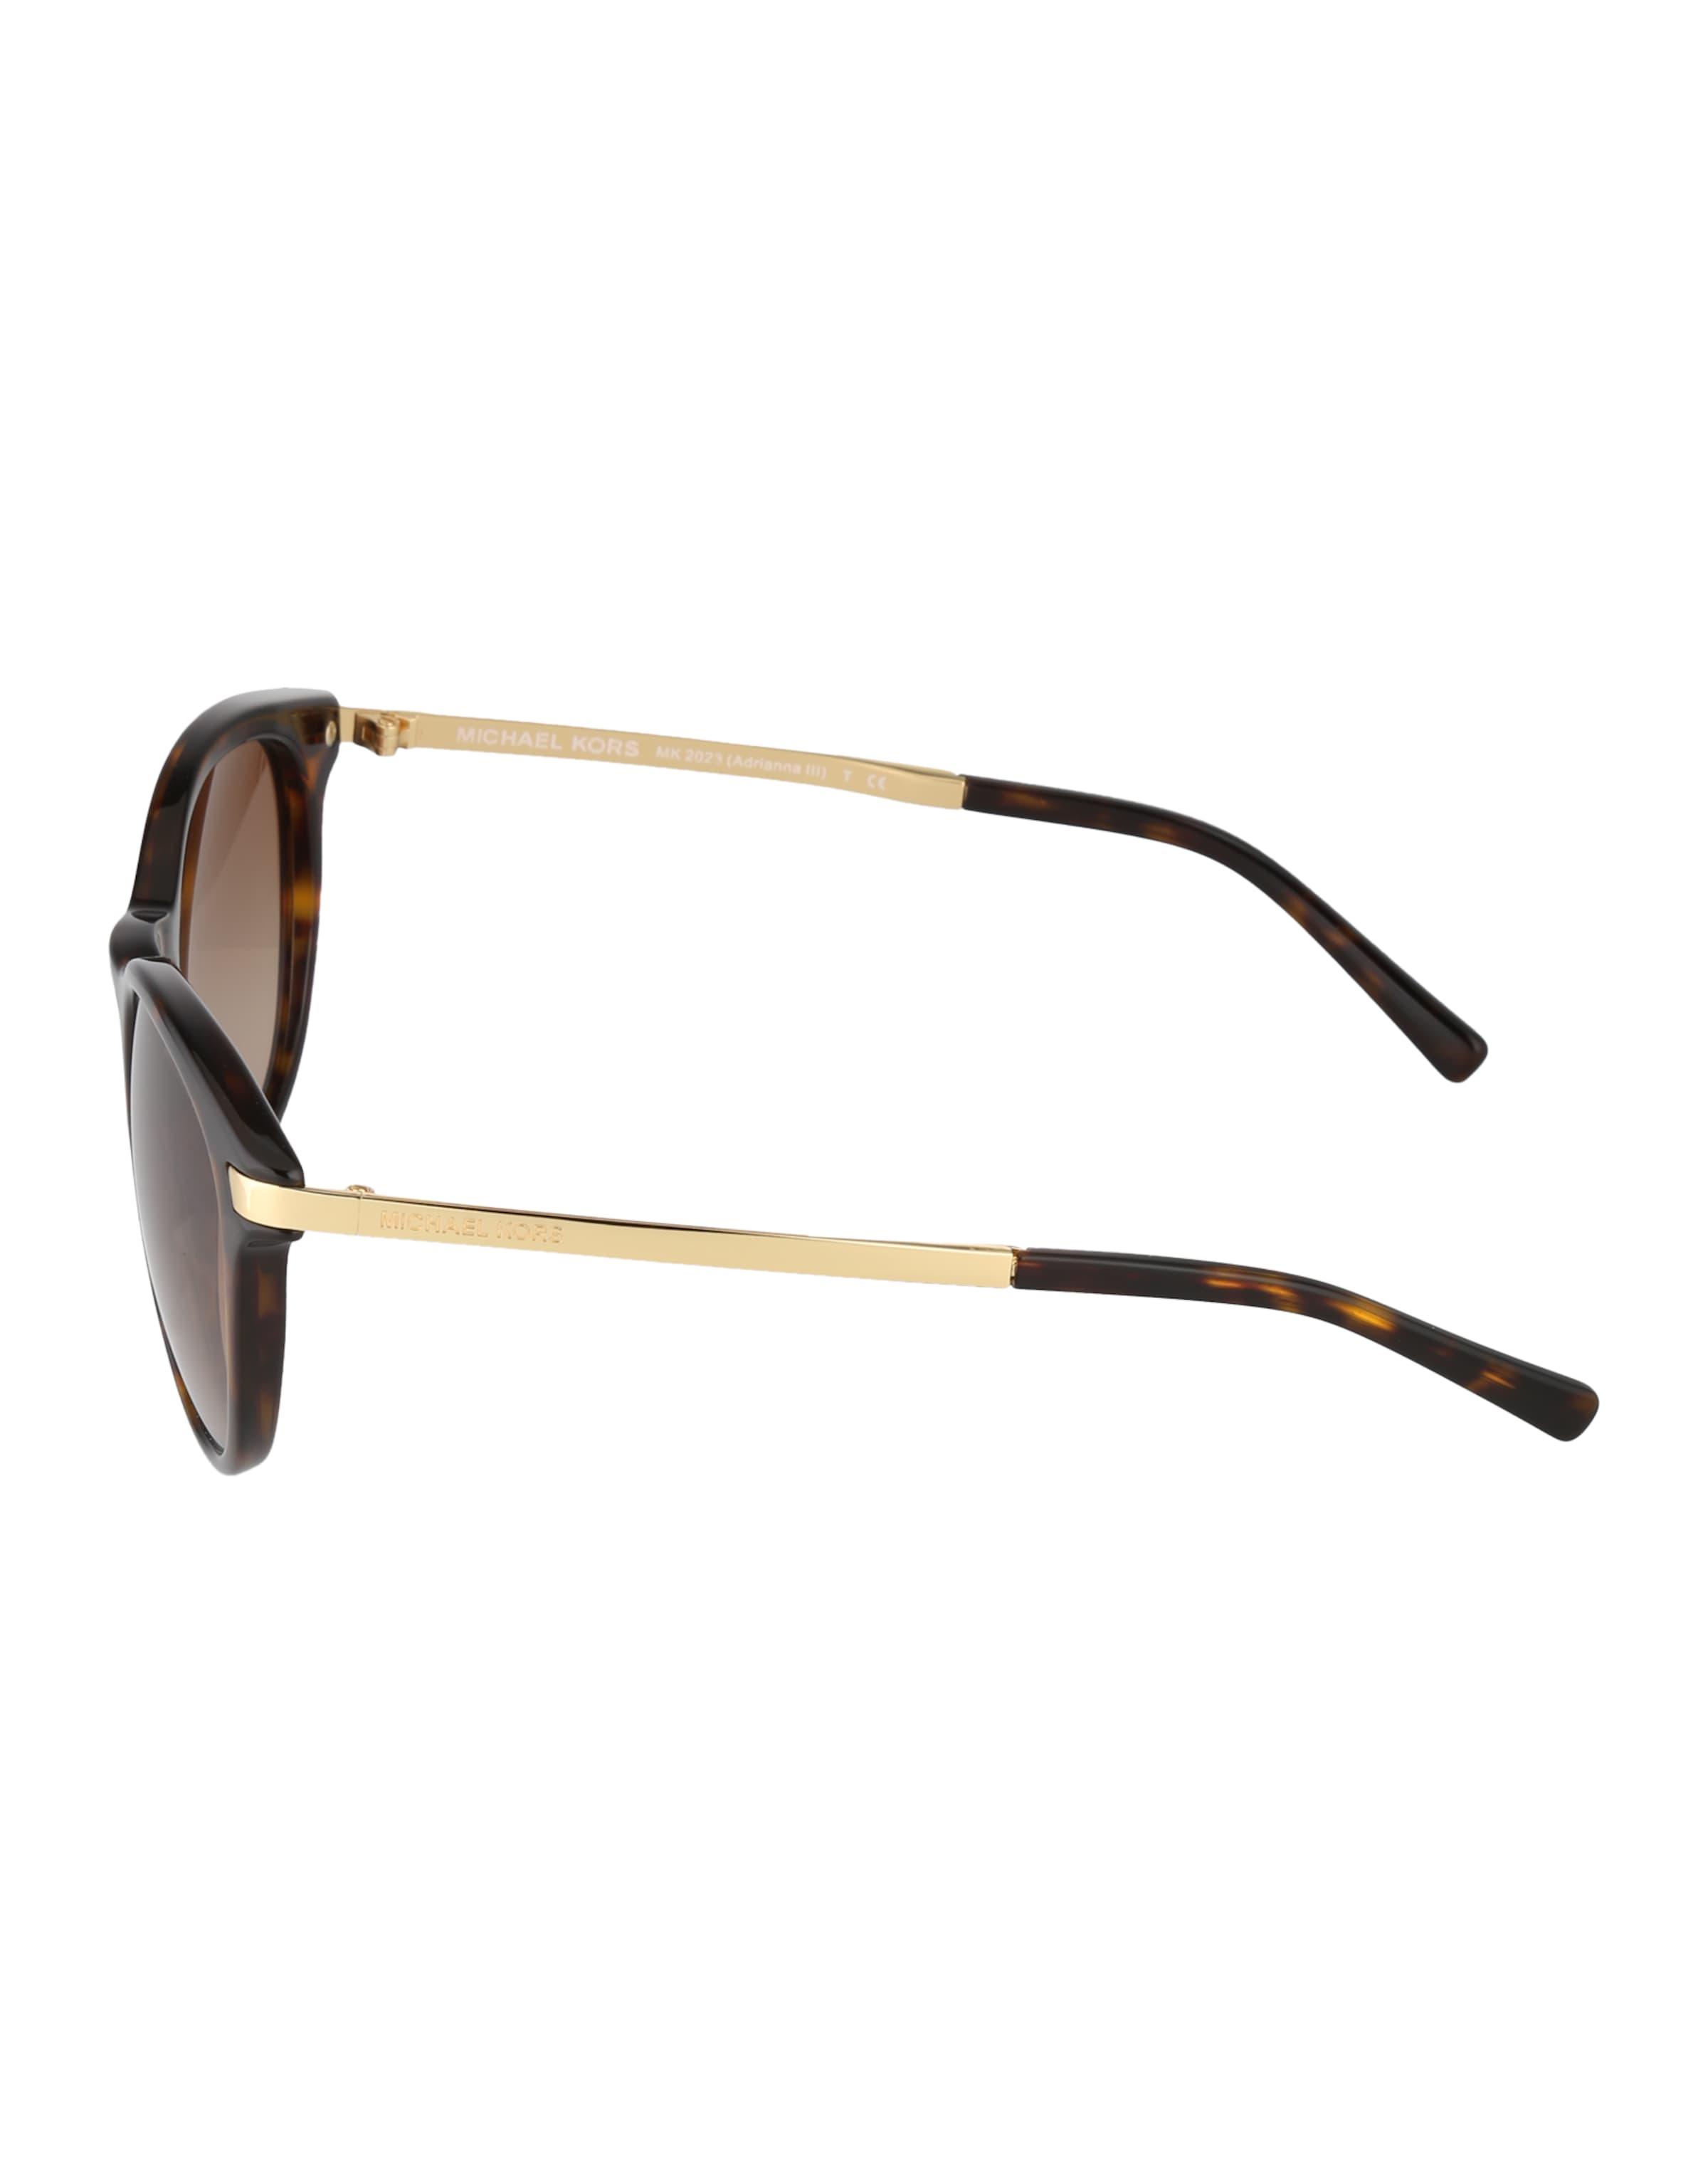 Michael Kors Sonnenbrille aus transparentem Kunststoff Günstig Kaufen Besuch Neu Günstig Kauft Niedrigen Versand Spielraum Neue Stile Spielraum Manchester Großer Verkauf Footlocker Bilder BqBhpLqK